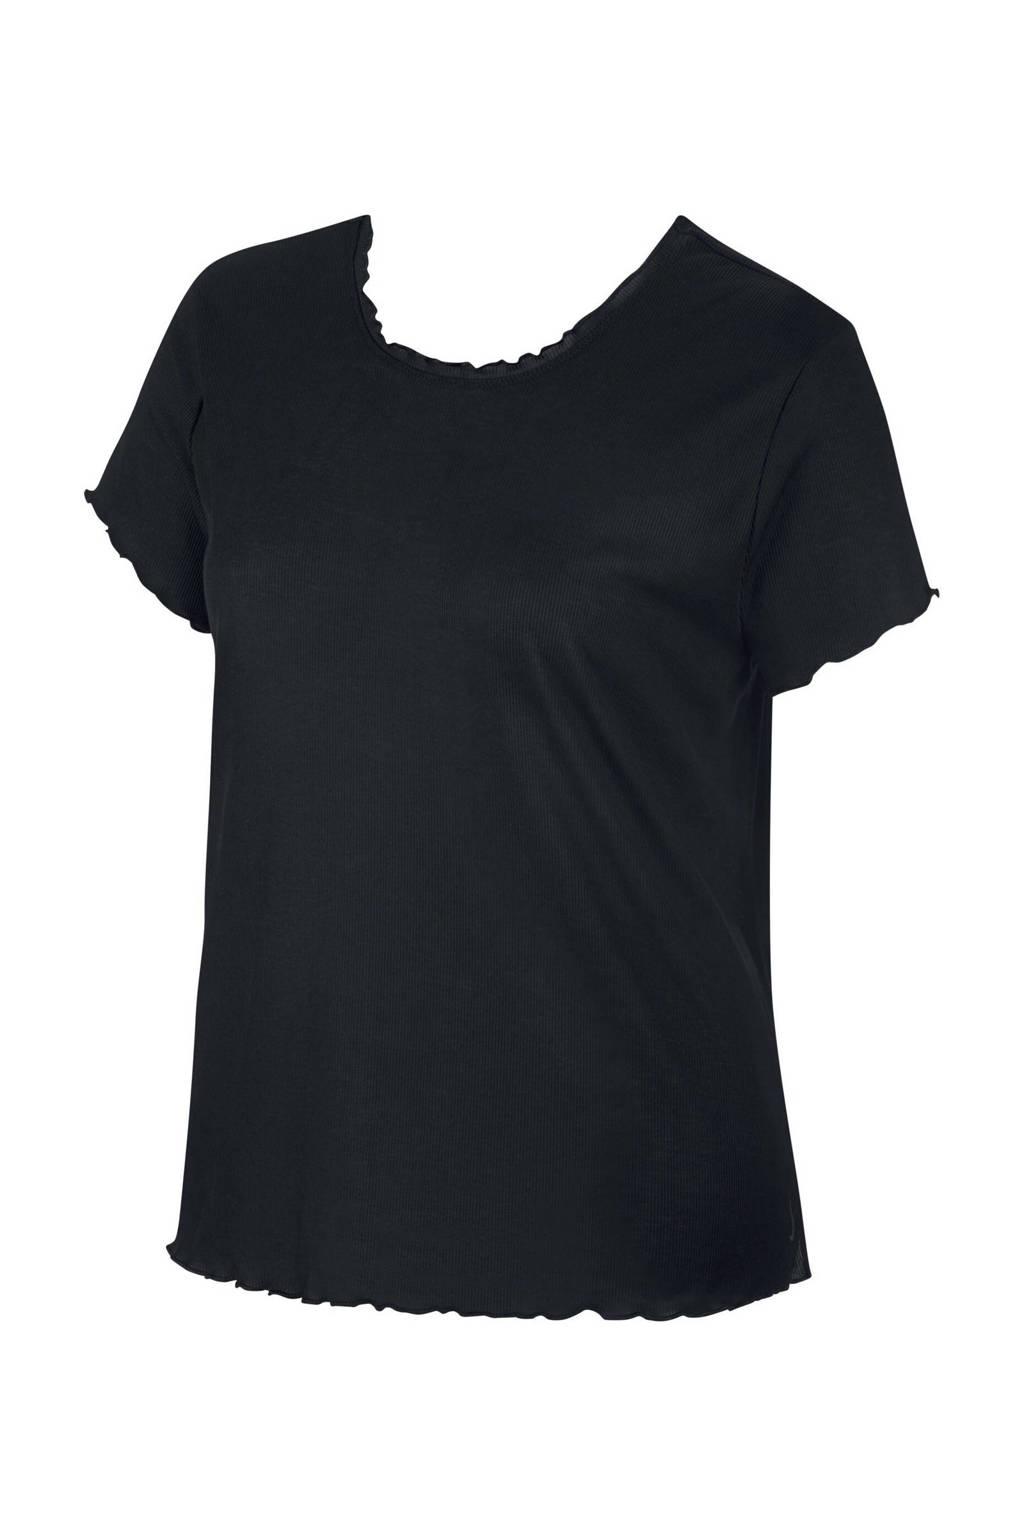 Nike sport T-shirt lichtroze, Zwart